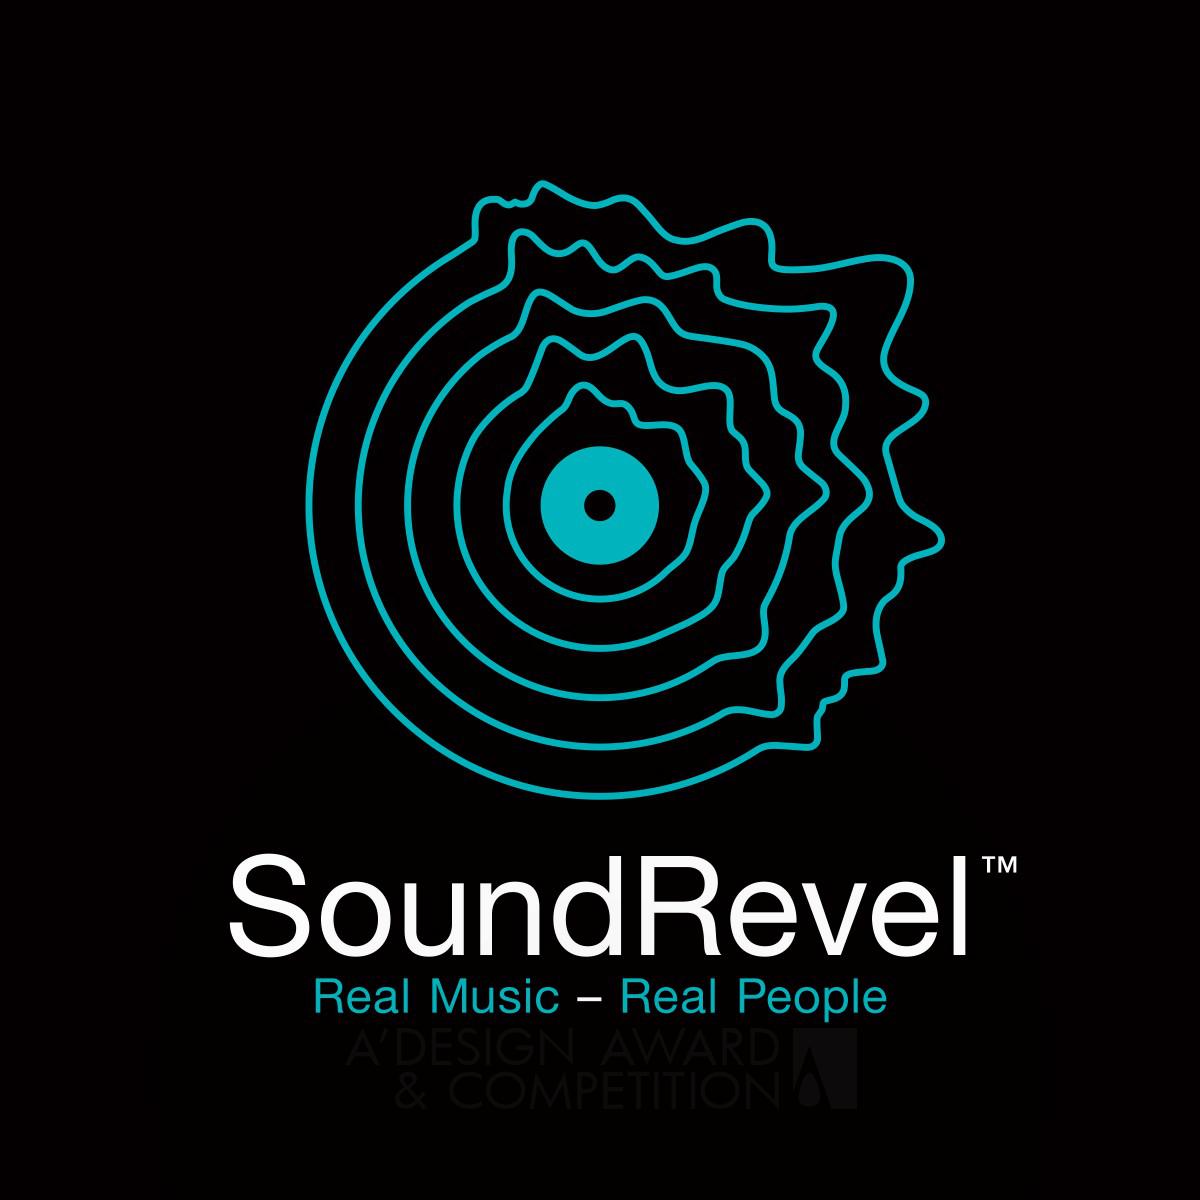 SoundRevel Branding Brand Identity